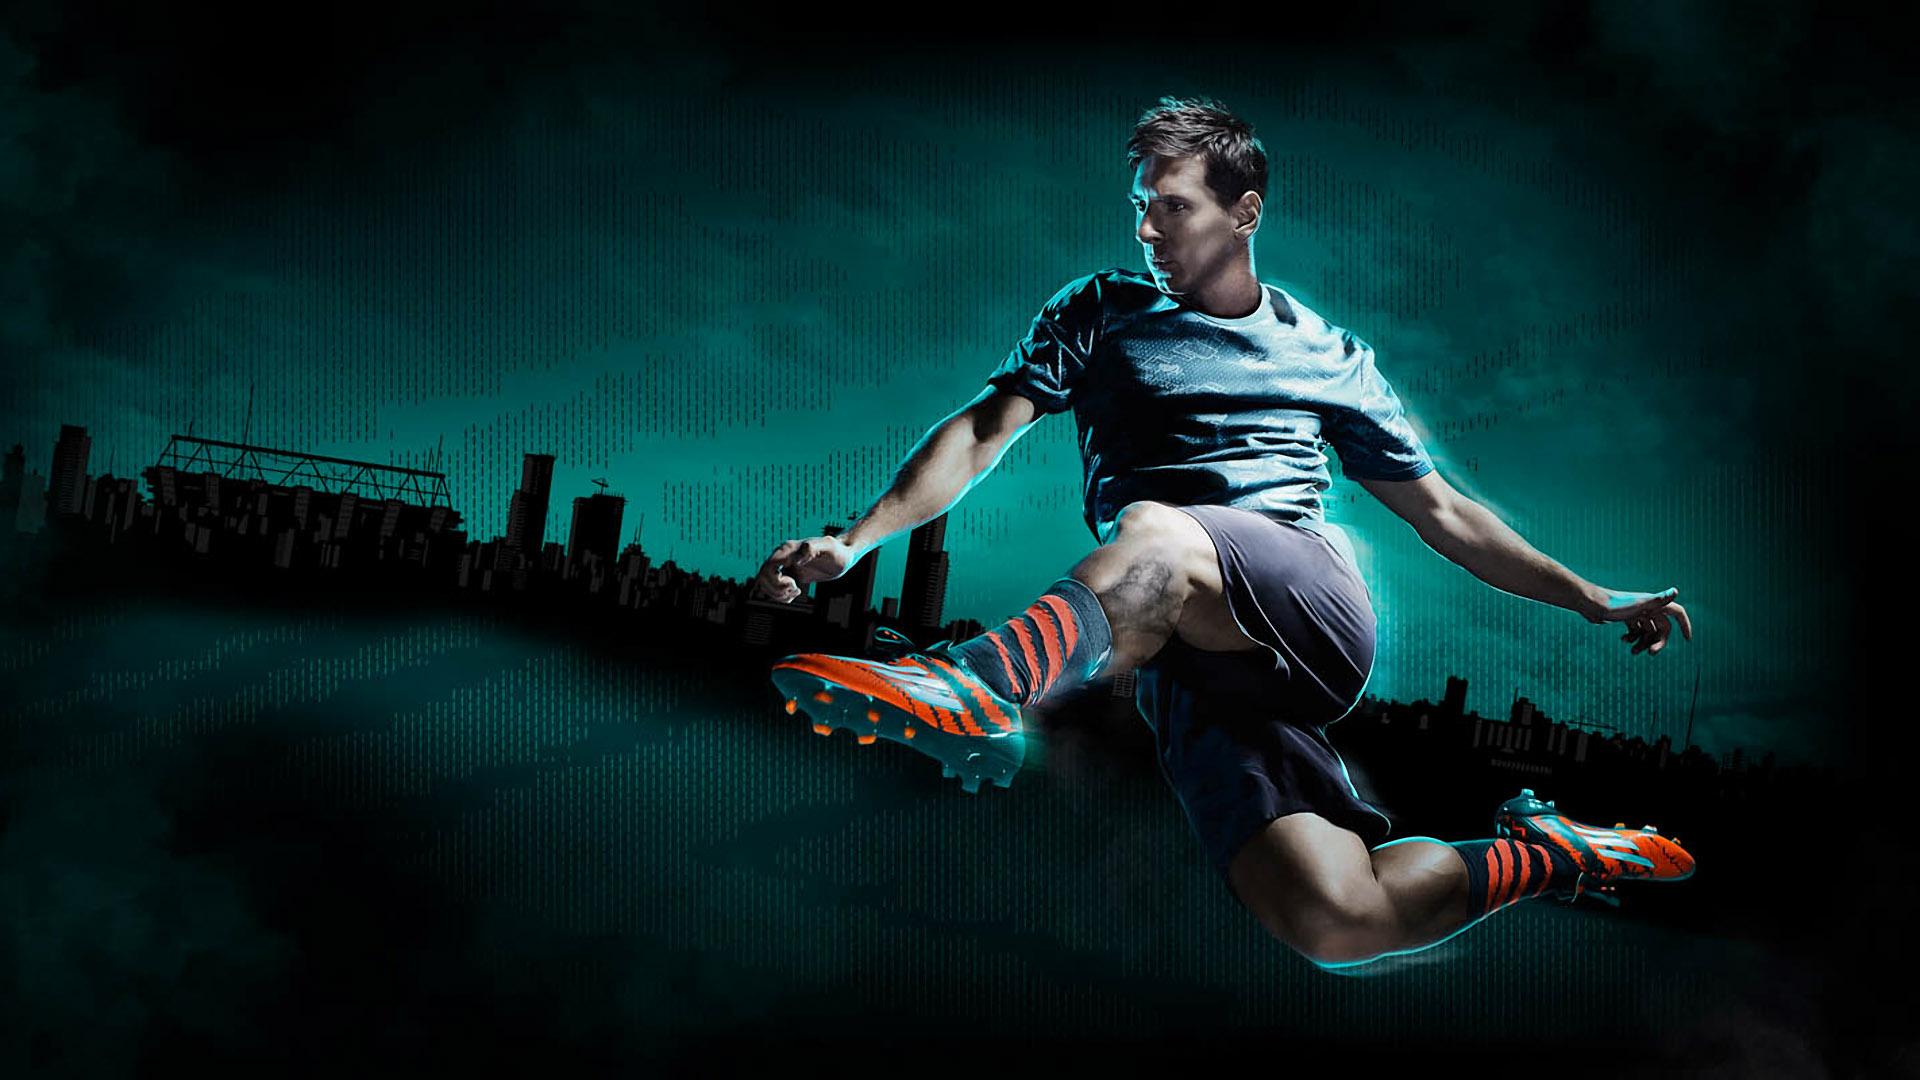 futbol soccer wallpapers adidas